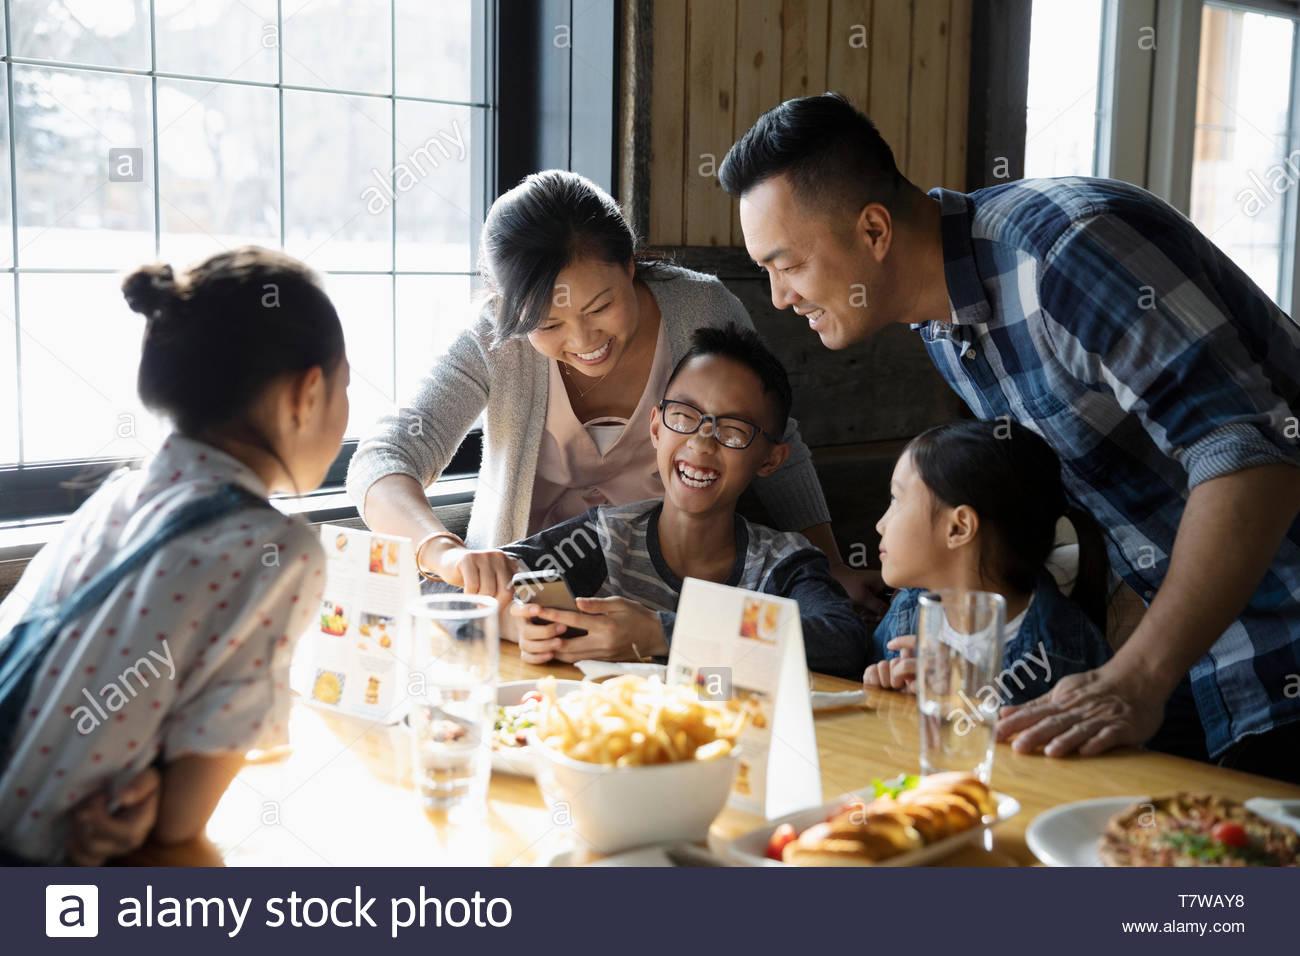 Famiglia di mangiare il pranzo in ristorante Immagini Stock